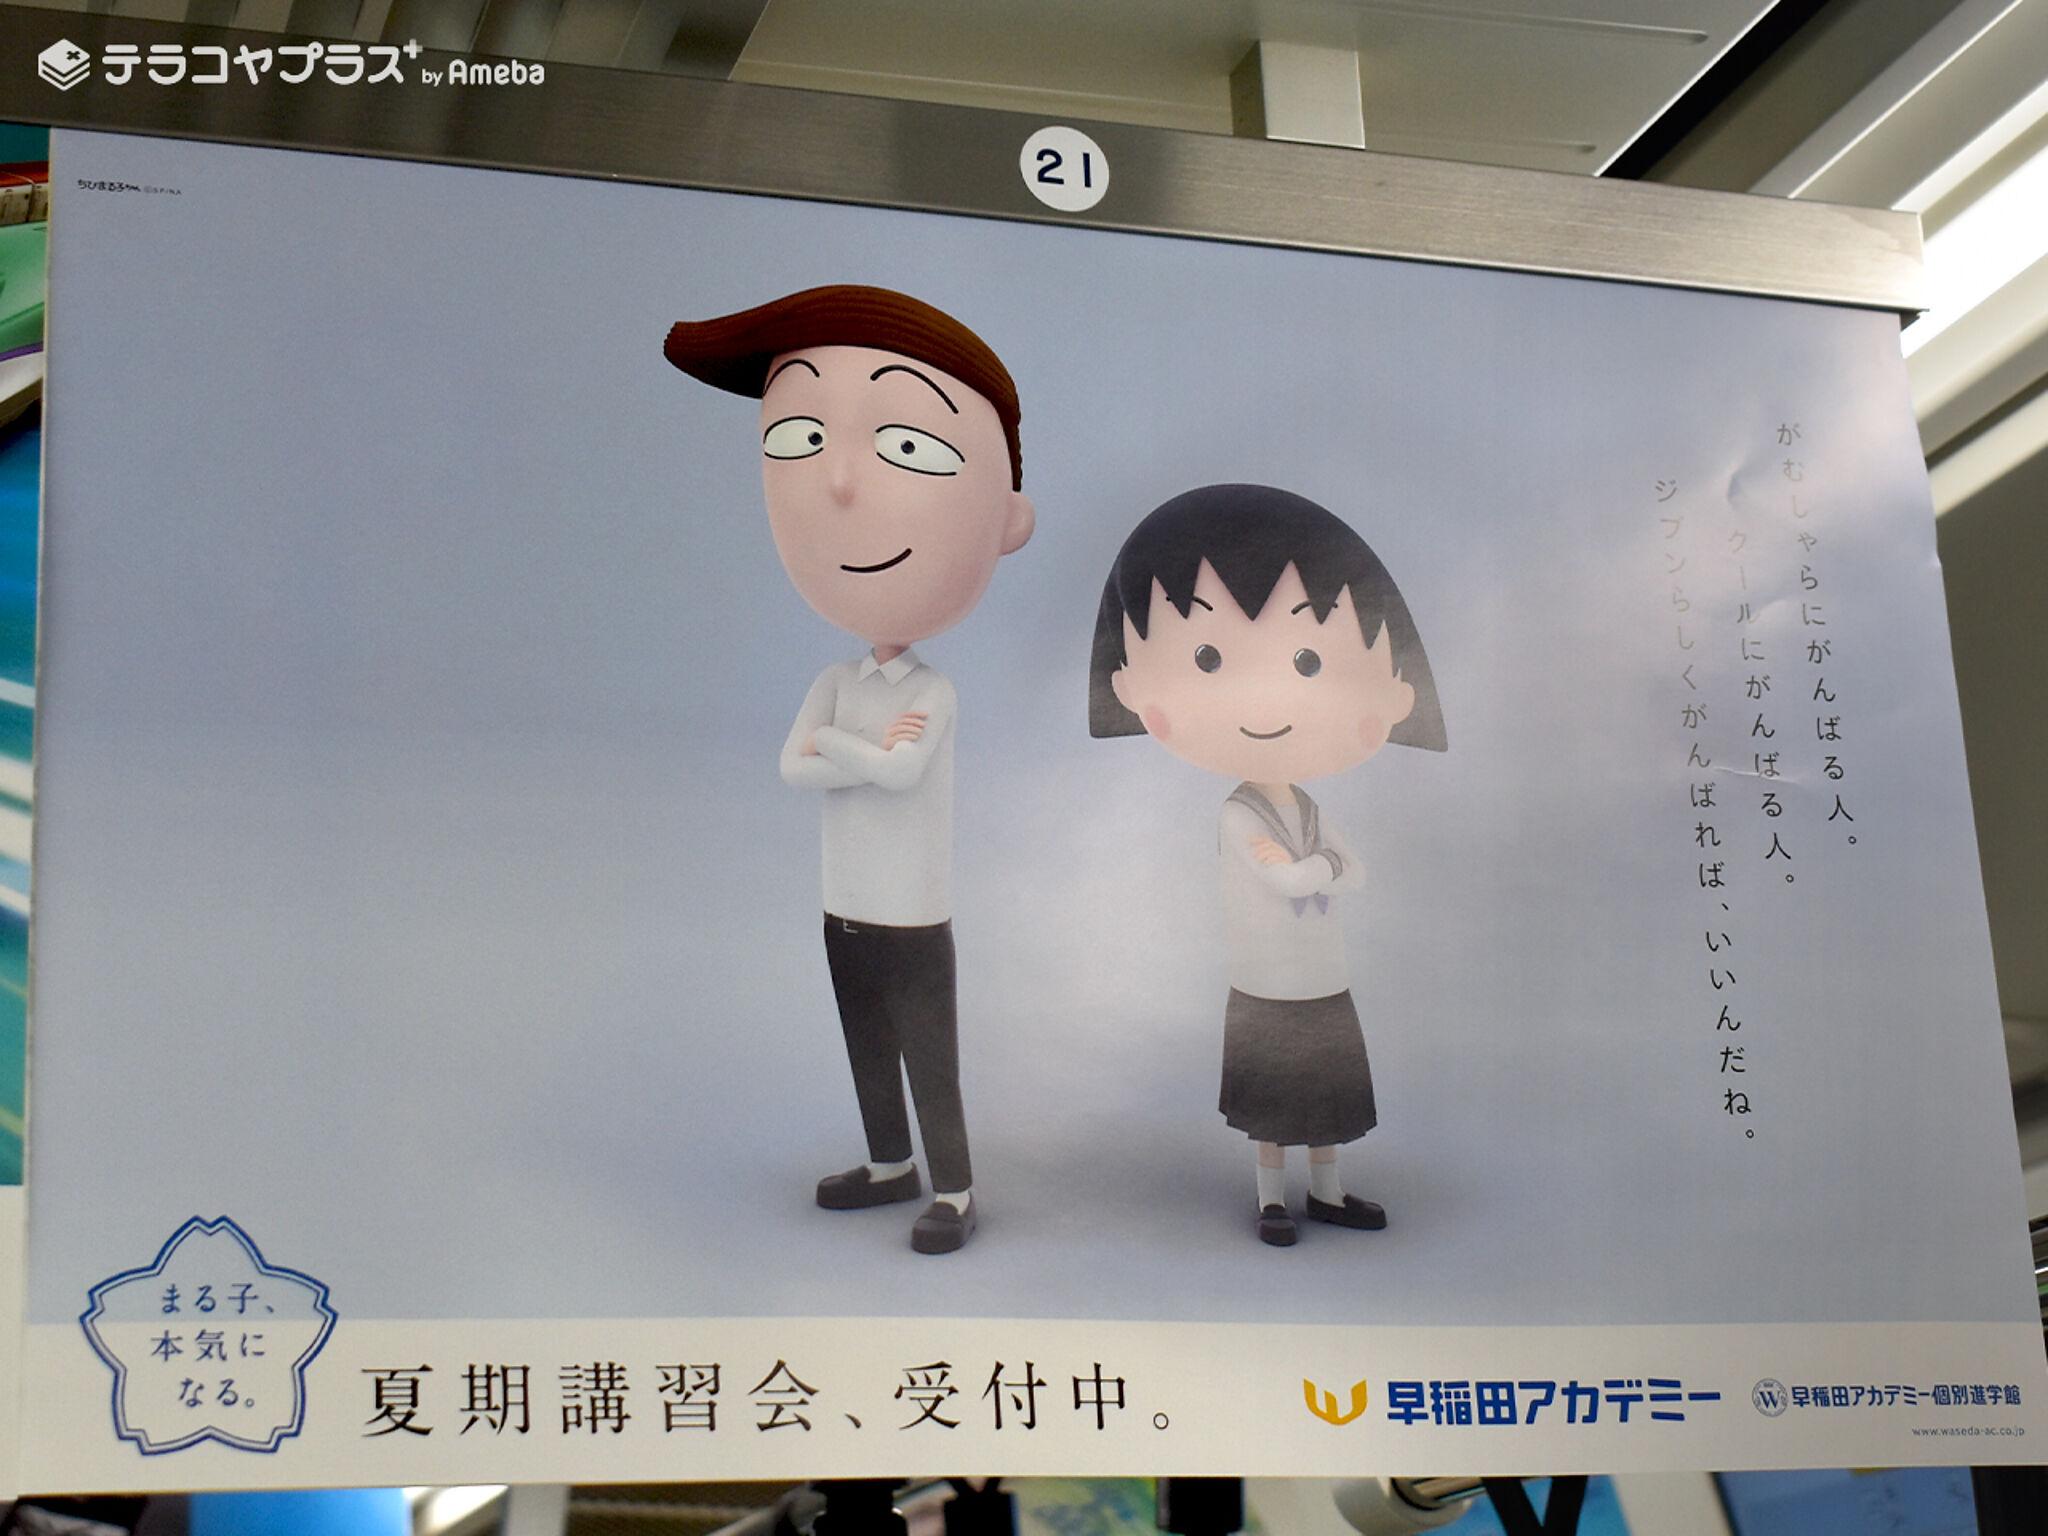 電車のつり革広告の画像